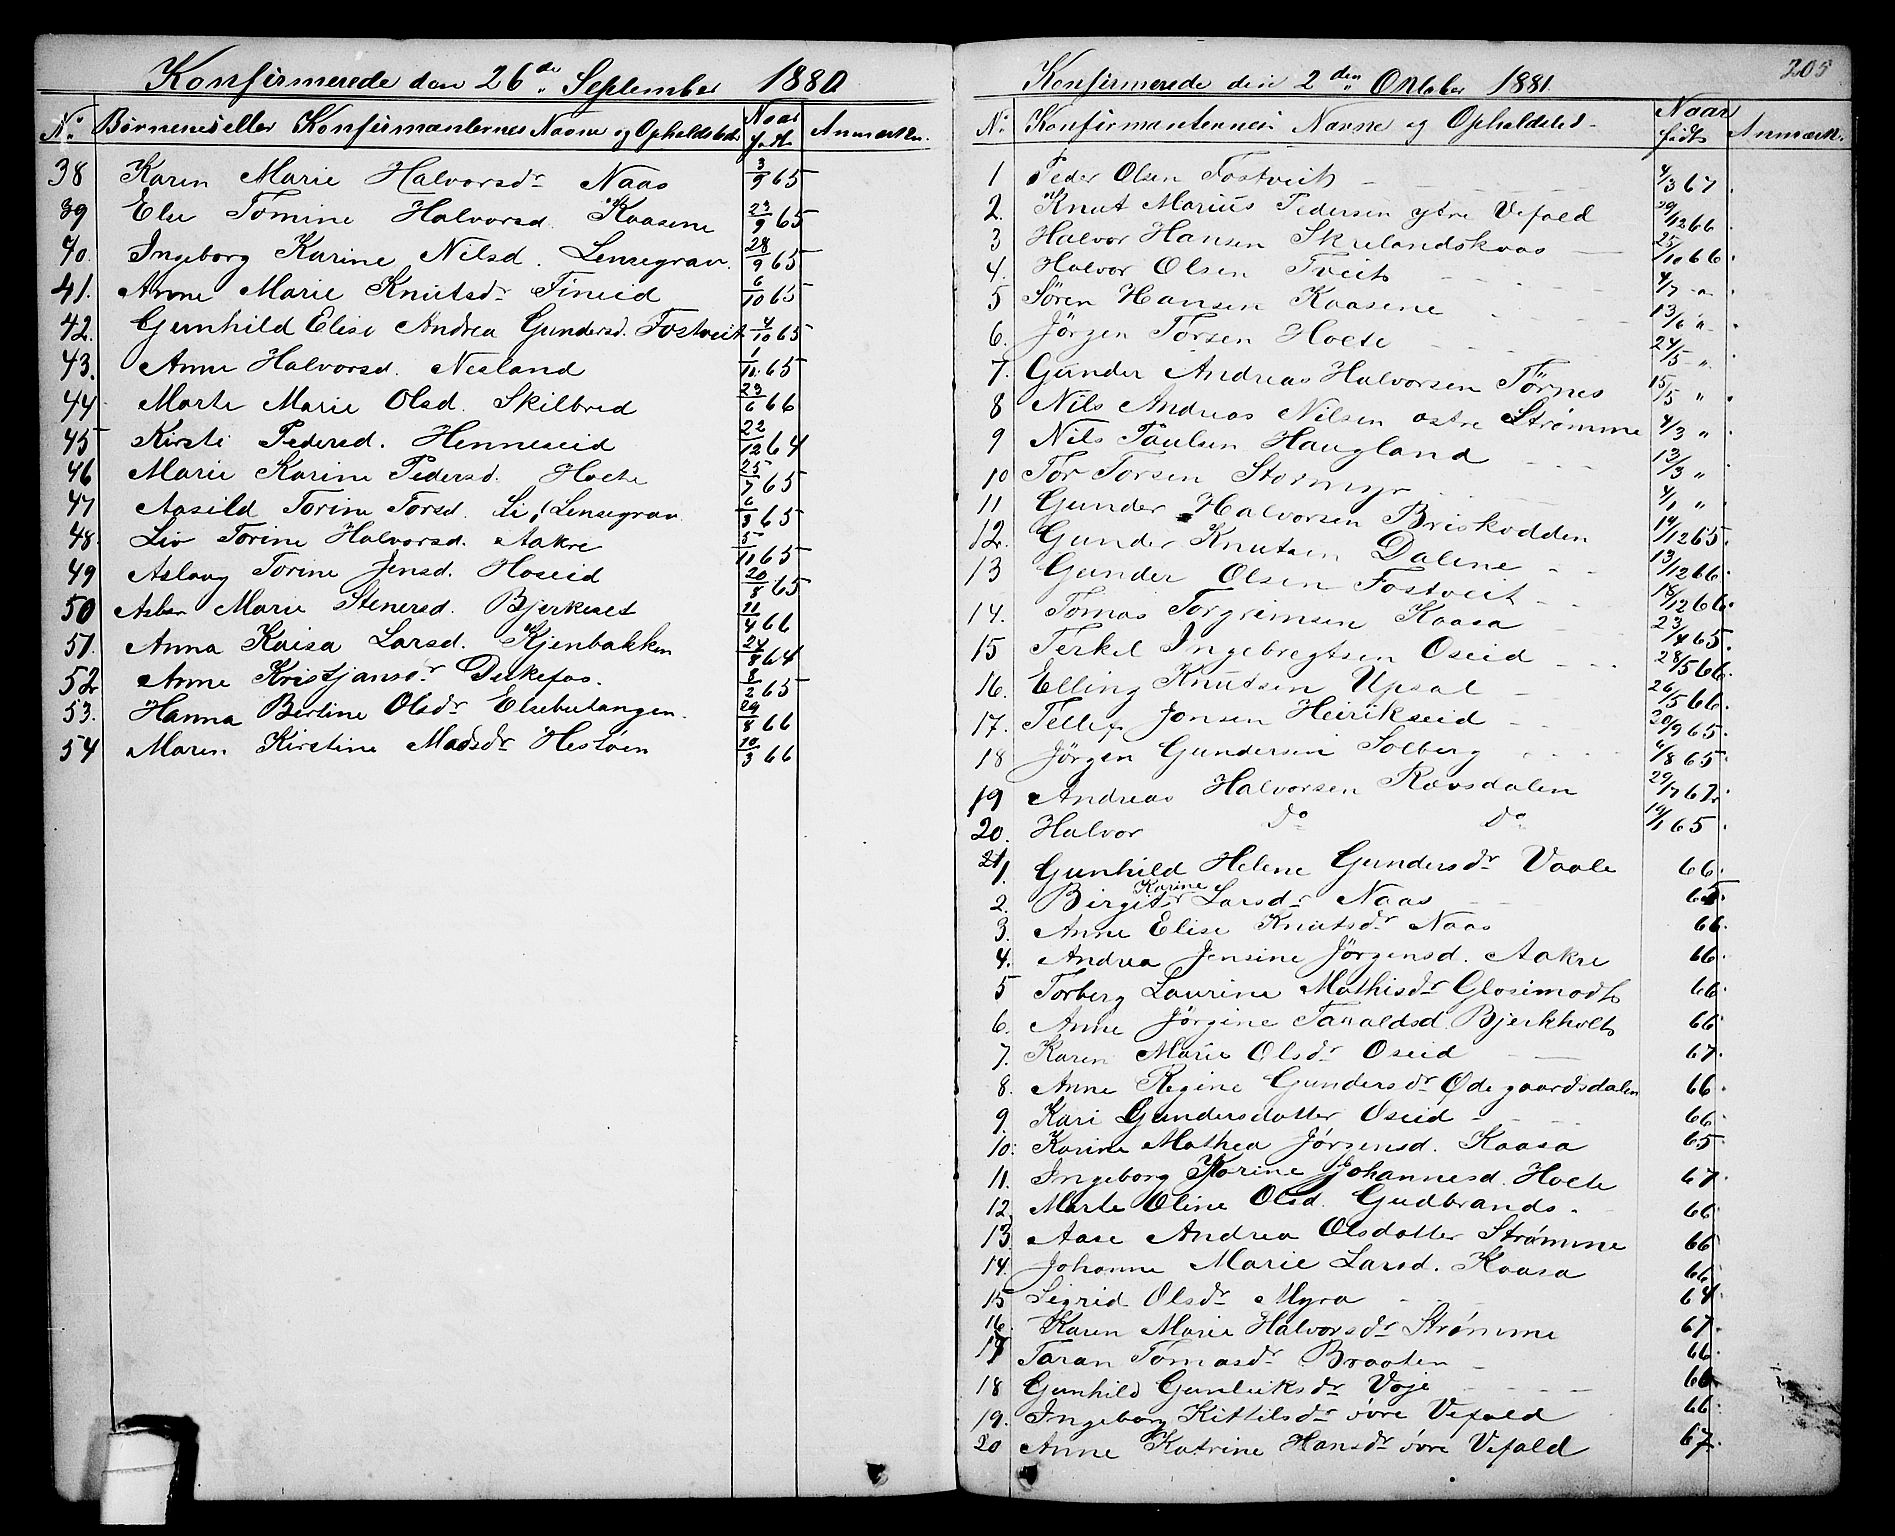 SAKO, Drangedal kirkebøker, G/Ga/L0002: Klokkerbok nr. I 2, 1856-1887, s. 205